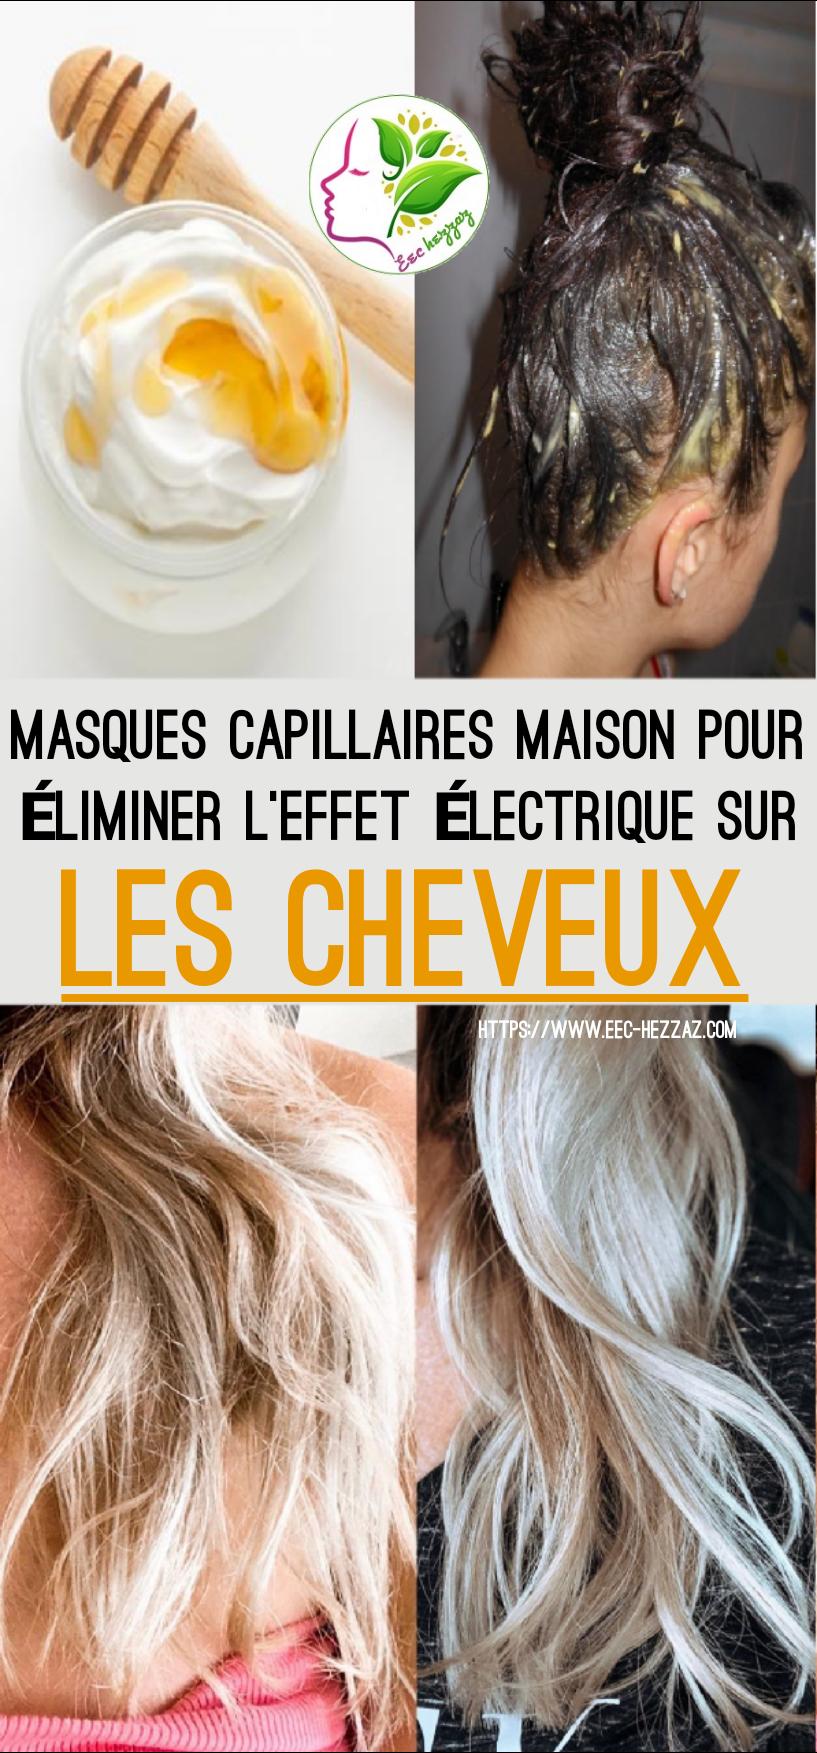 Masques capillaires maison pour éliminer l'effet électrique sur les cheveux